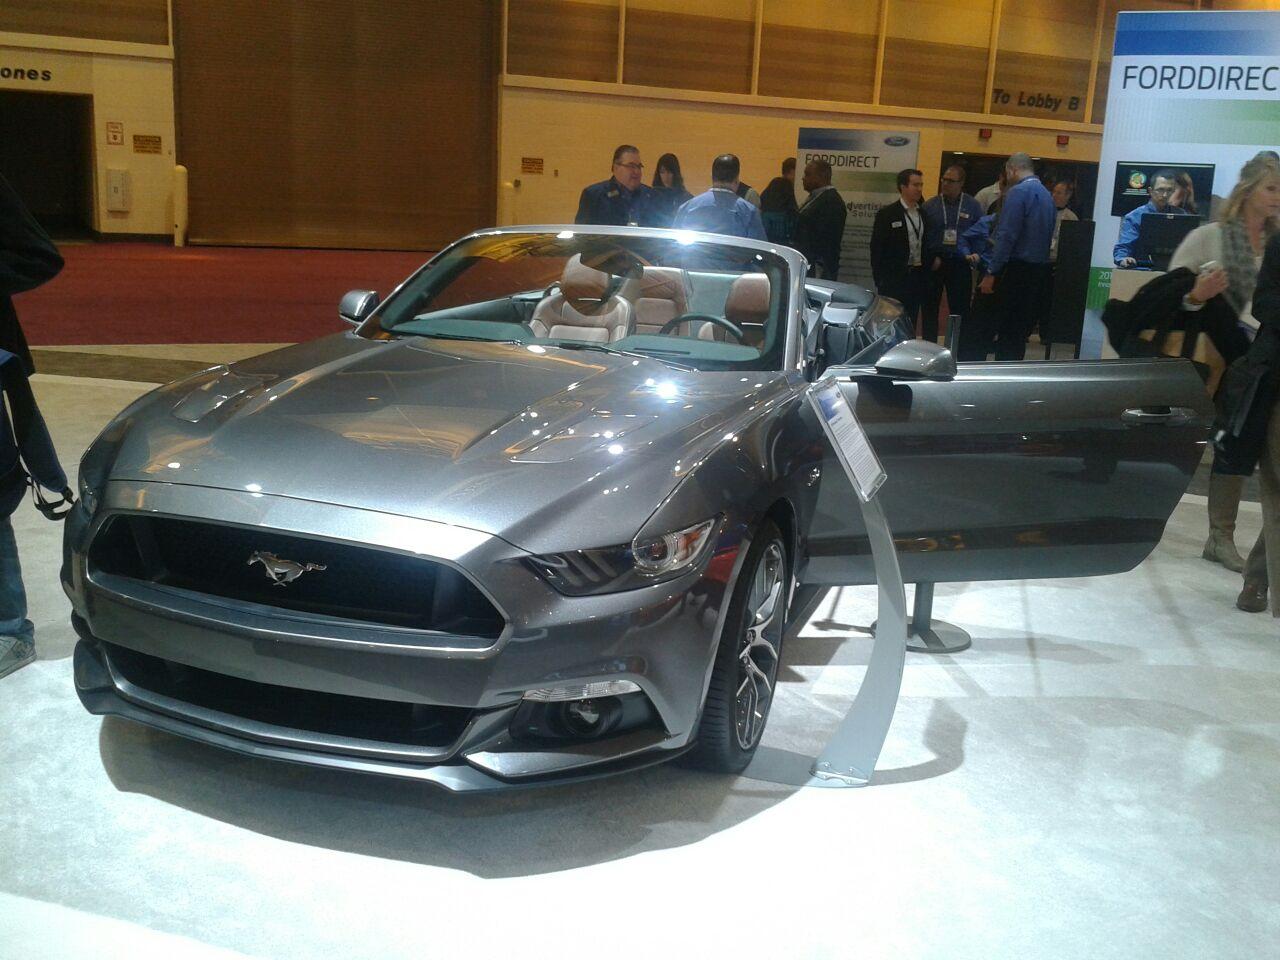 2015 Ford Mustang at Lakeland Automall